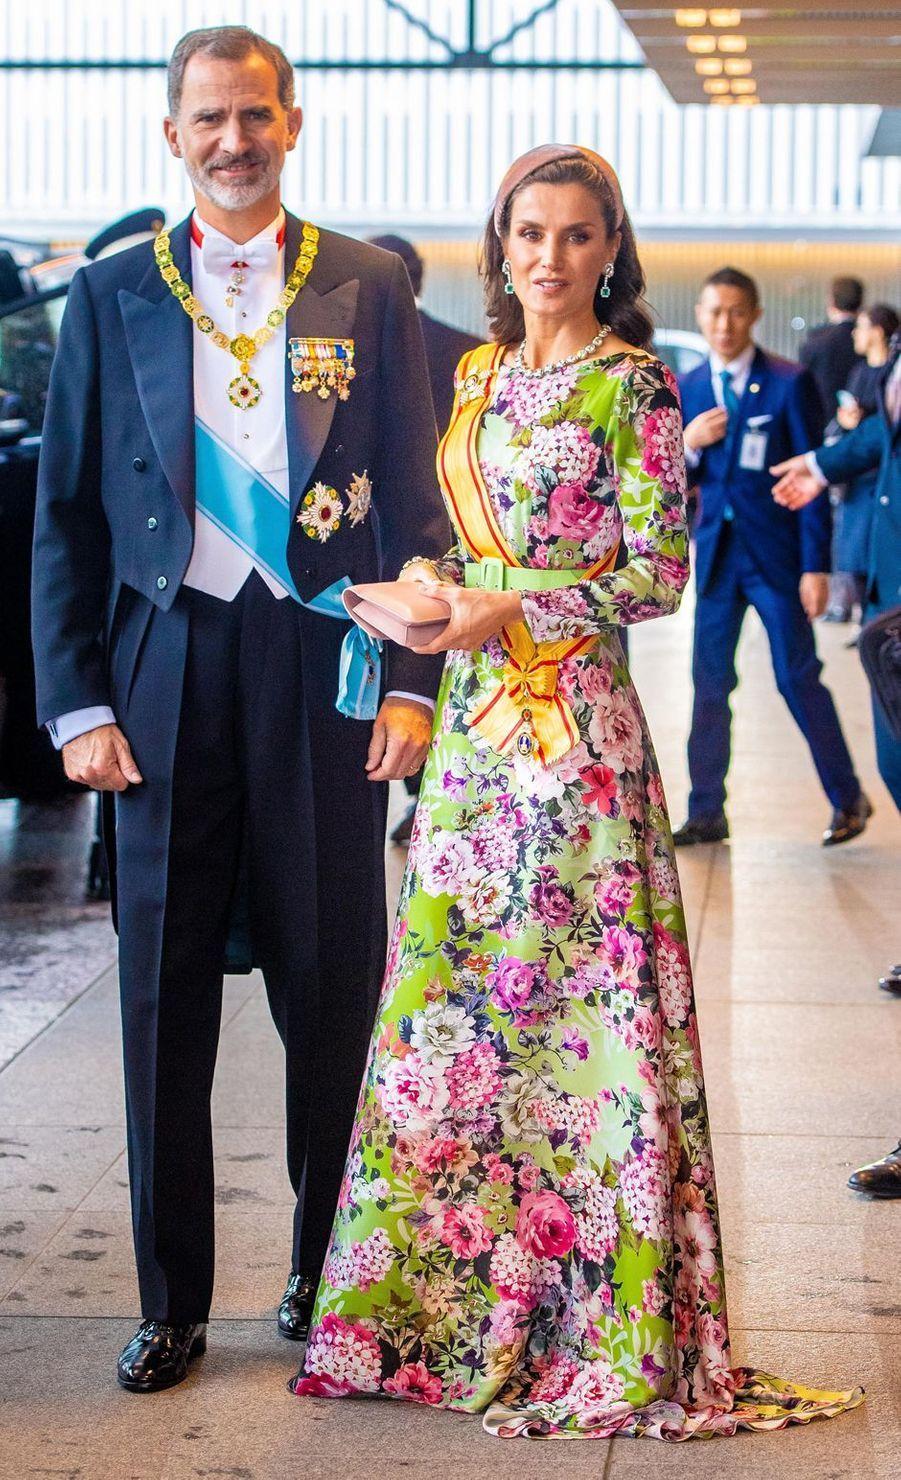 La reine Letizia d'Espagne dans une robe Matilde Cano à Tokyo, le 22 octobre 2019